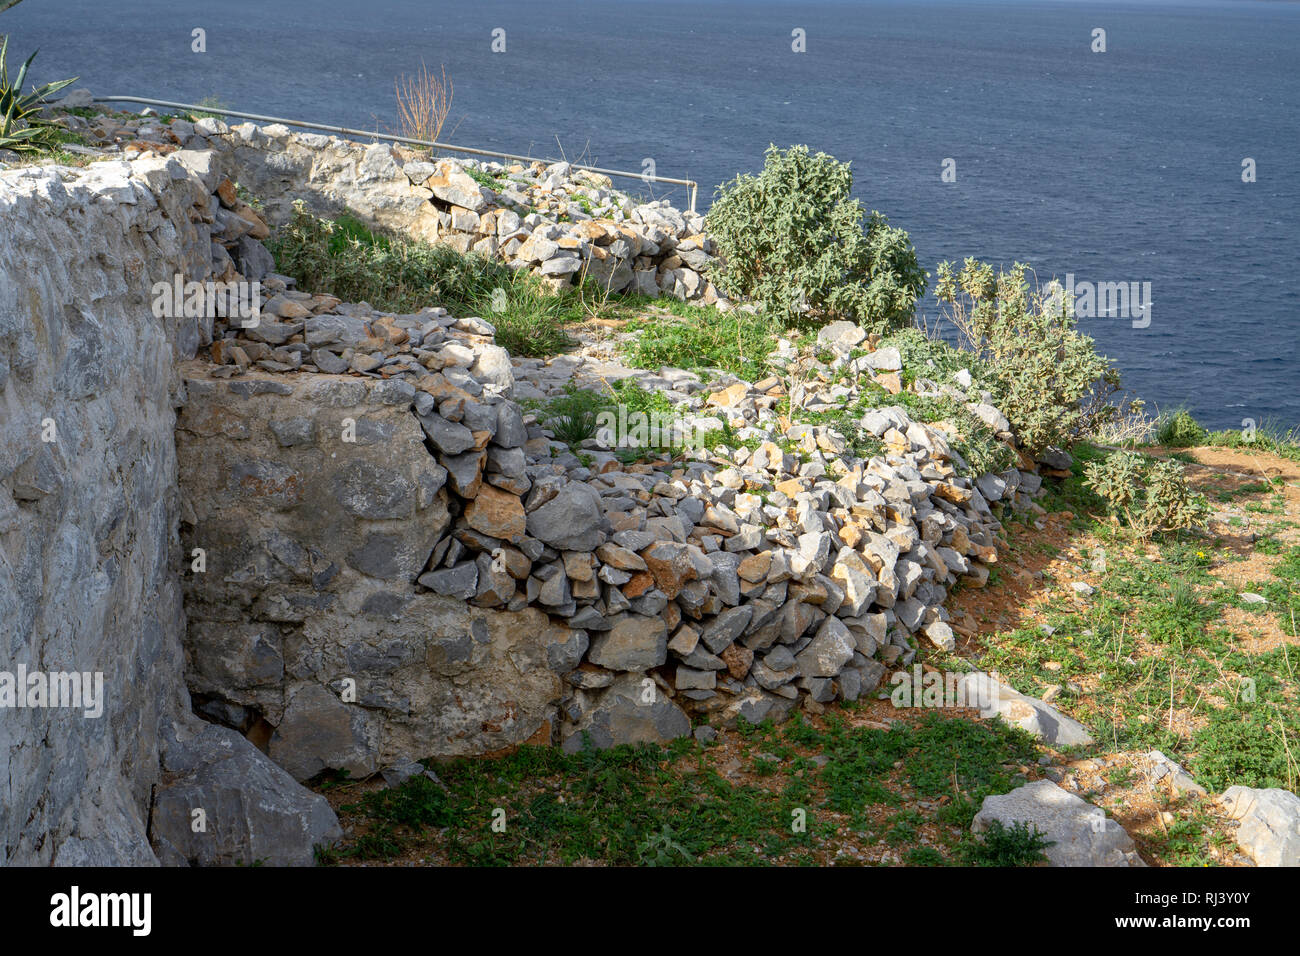 La vista desde la cima de la isla Hydra es inolvidable. Foto de stock